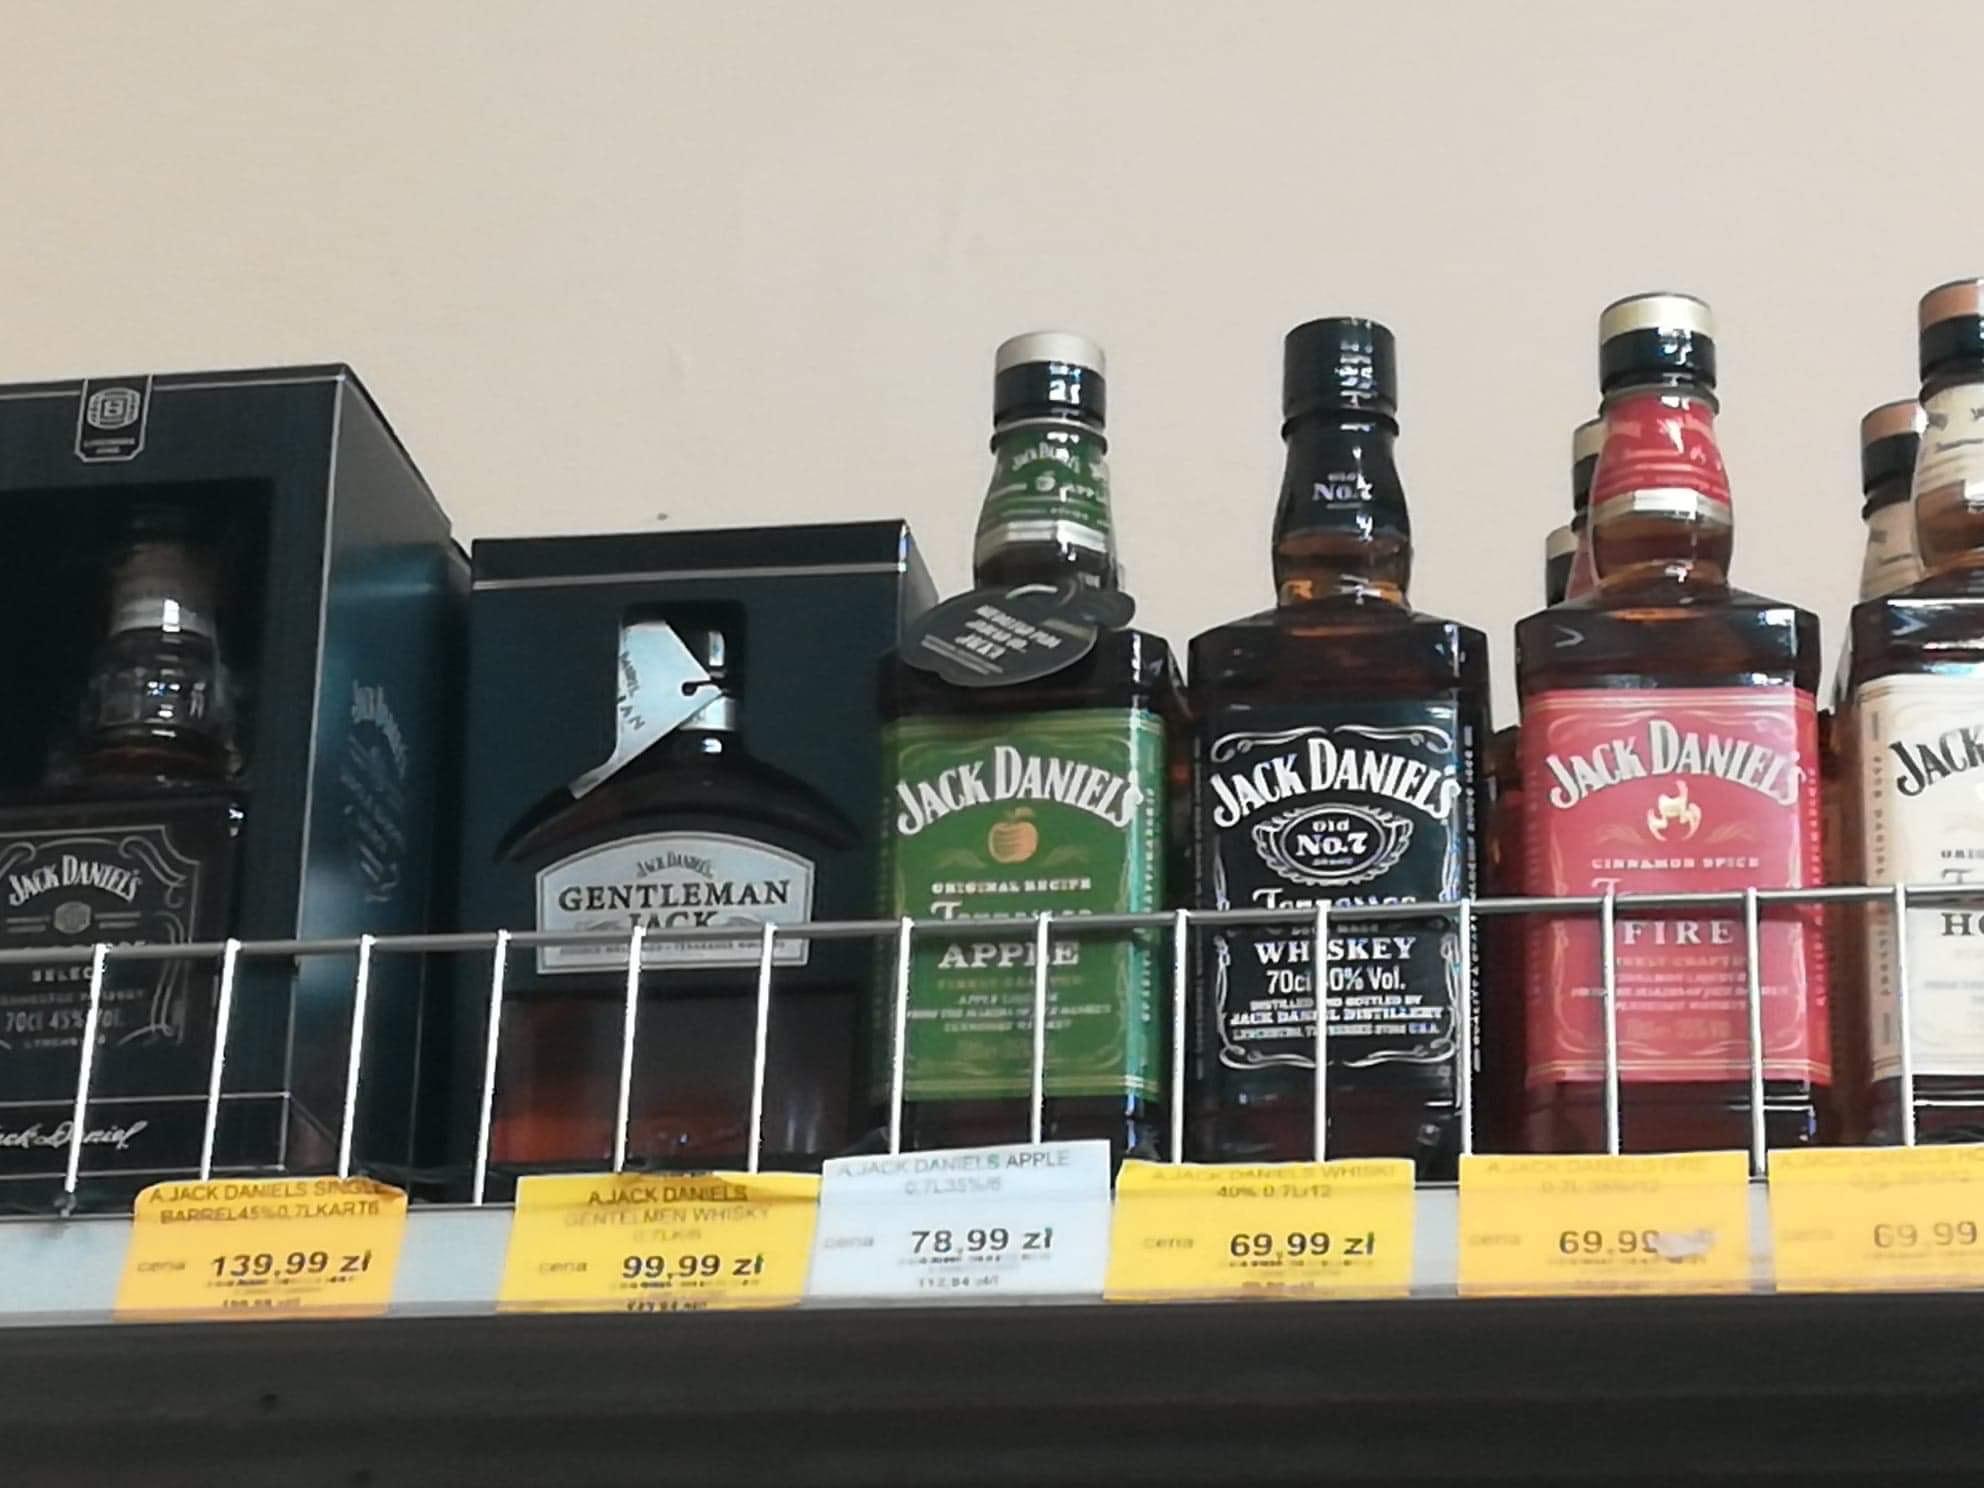 Ponownie dobre ceny za whisky/burbon Wild Turkey, Jack Daniels